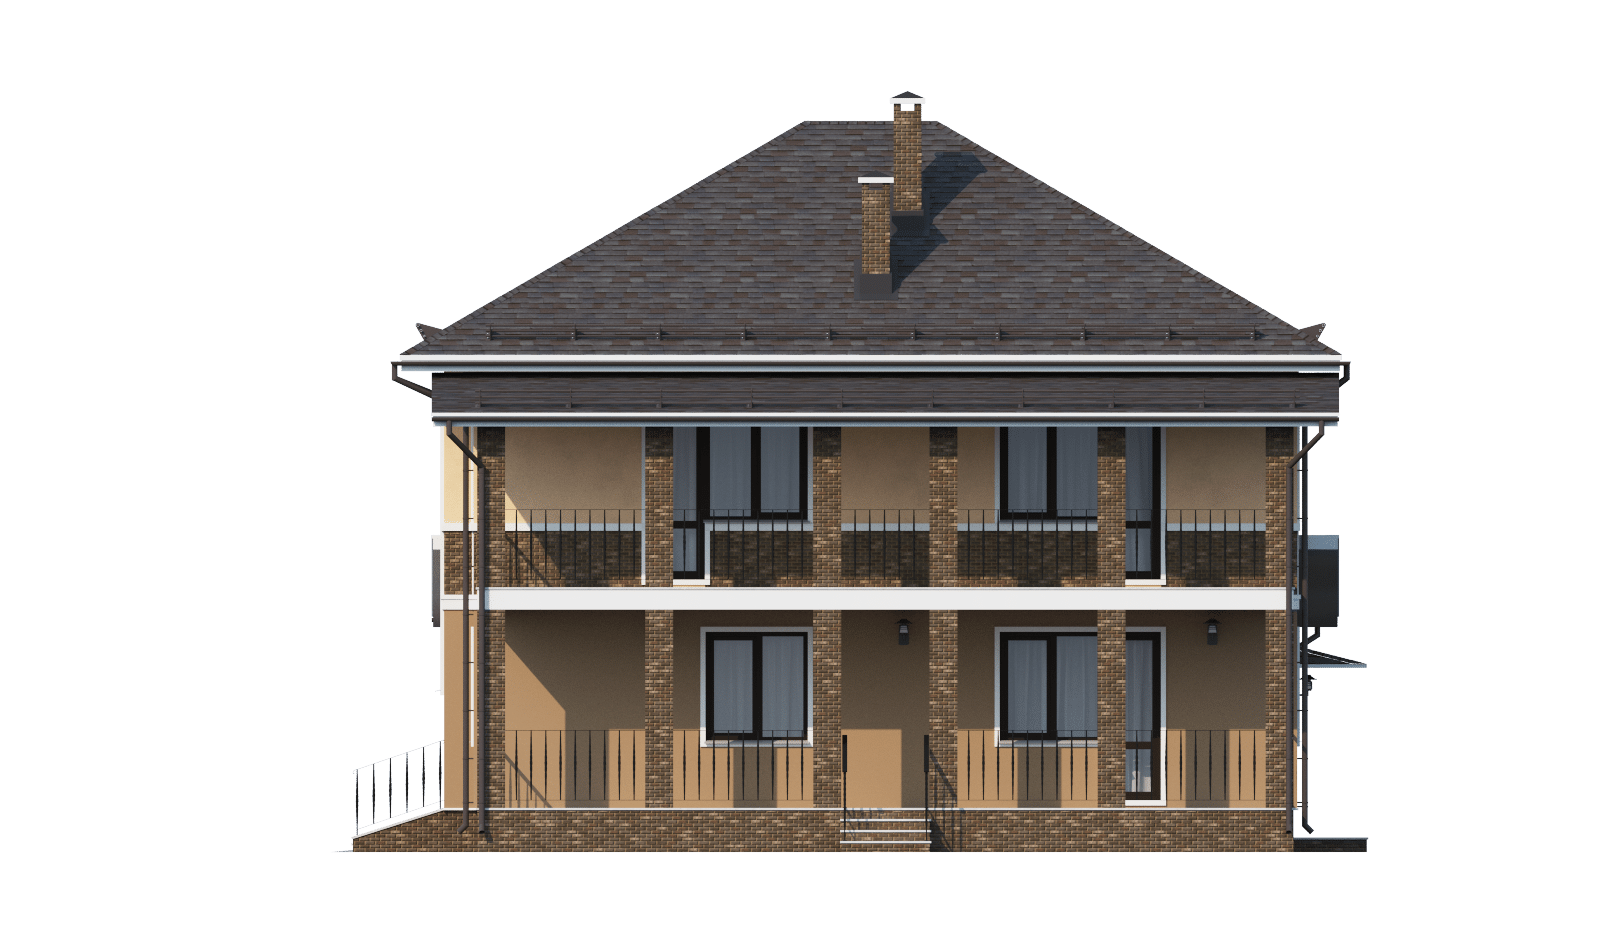 Фасад двухэтажного дома с гаражом, террасой и балконом «КД-6» справа